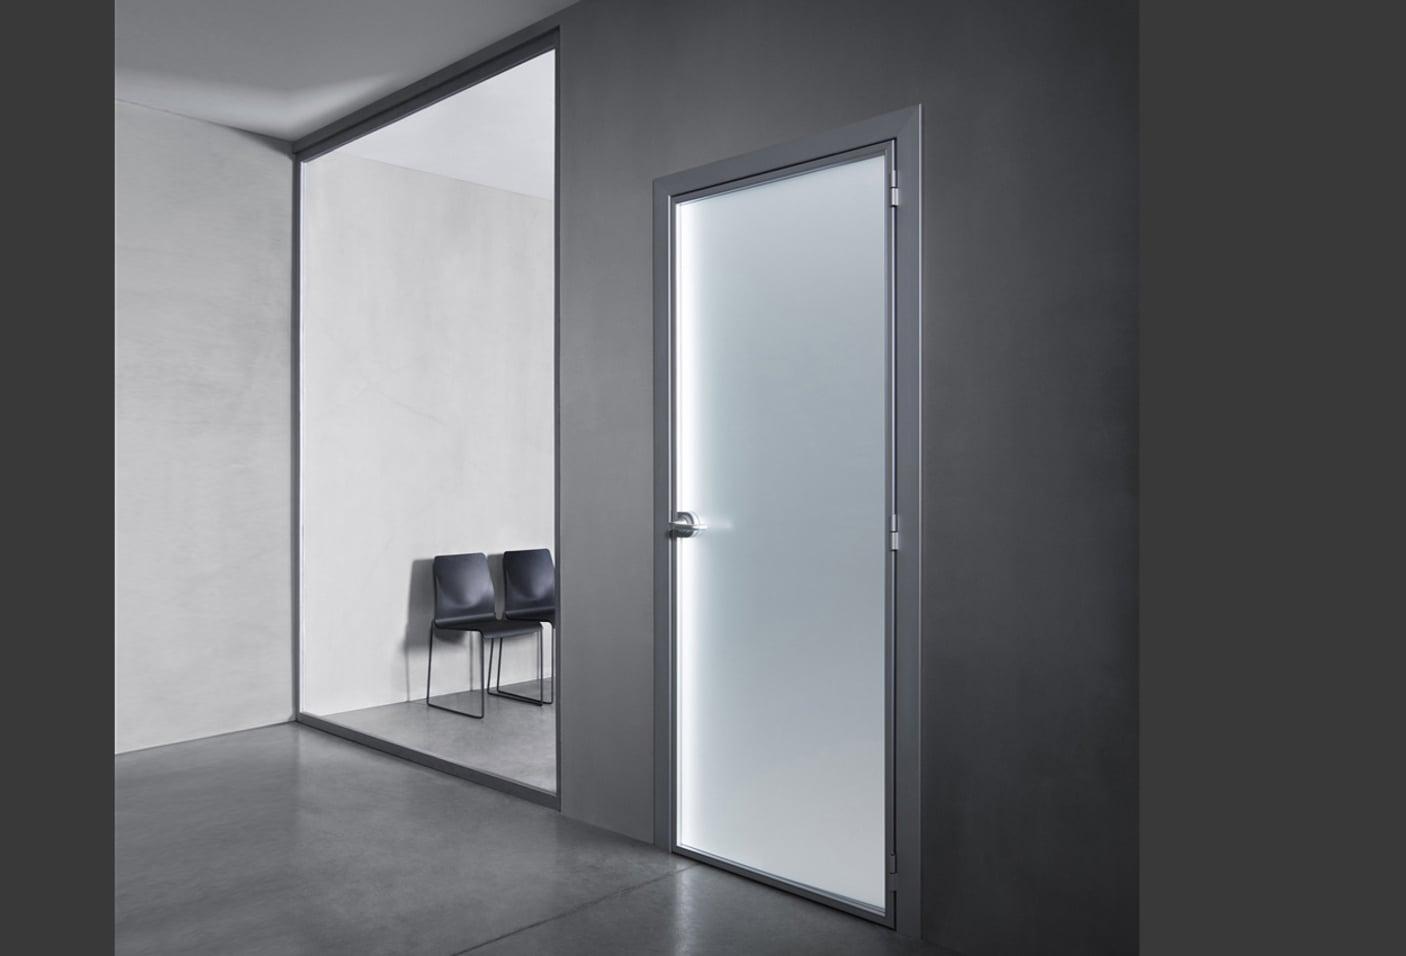 Porte per uffici e spazi di lavoro - Porte in alluminio e ...